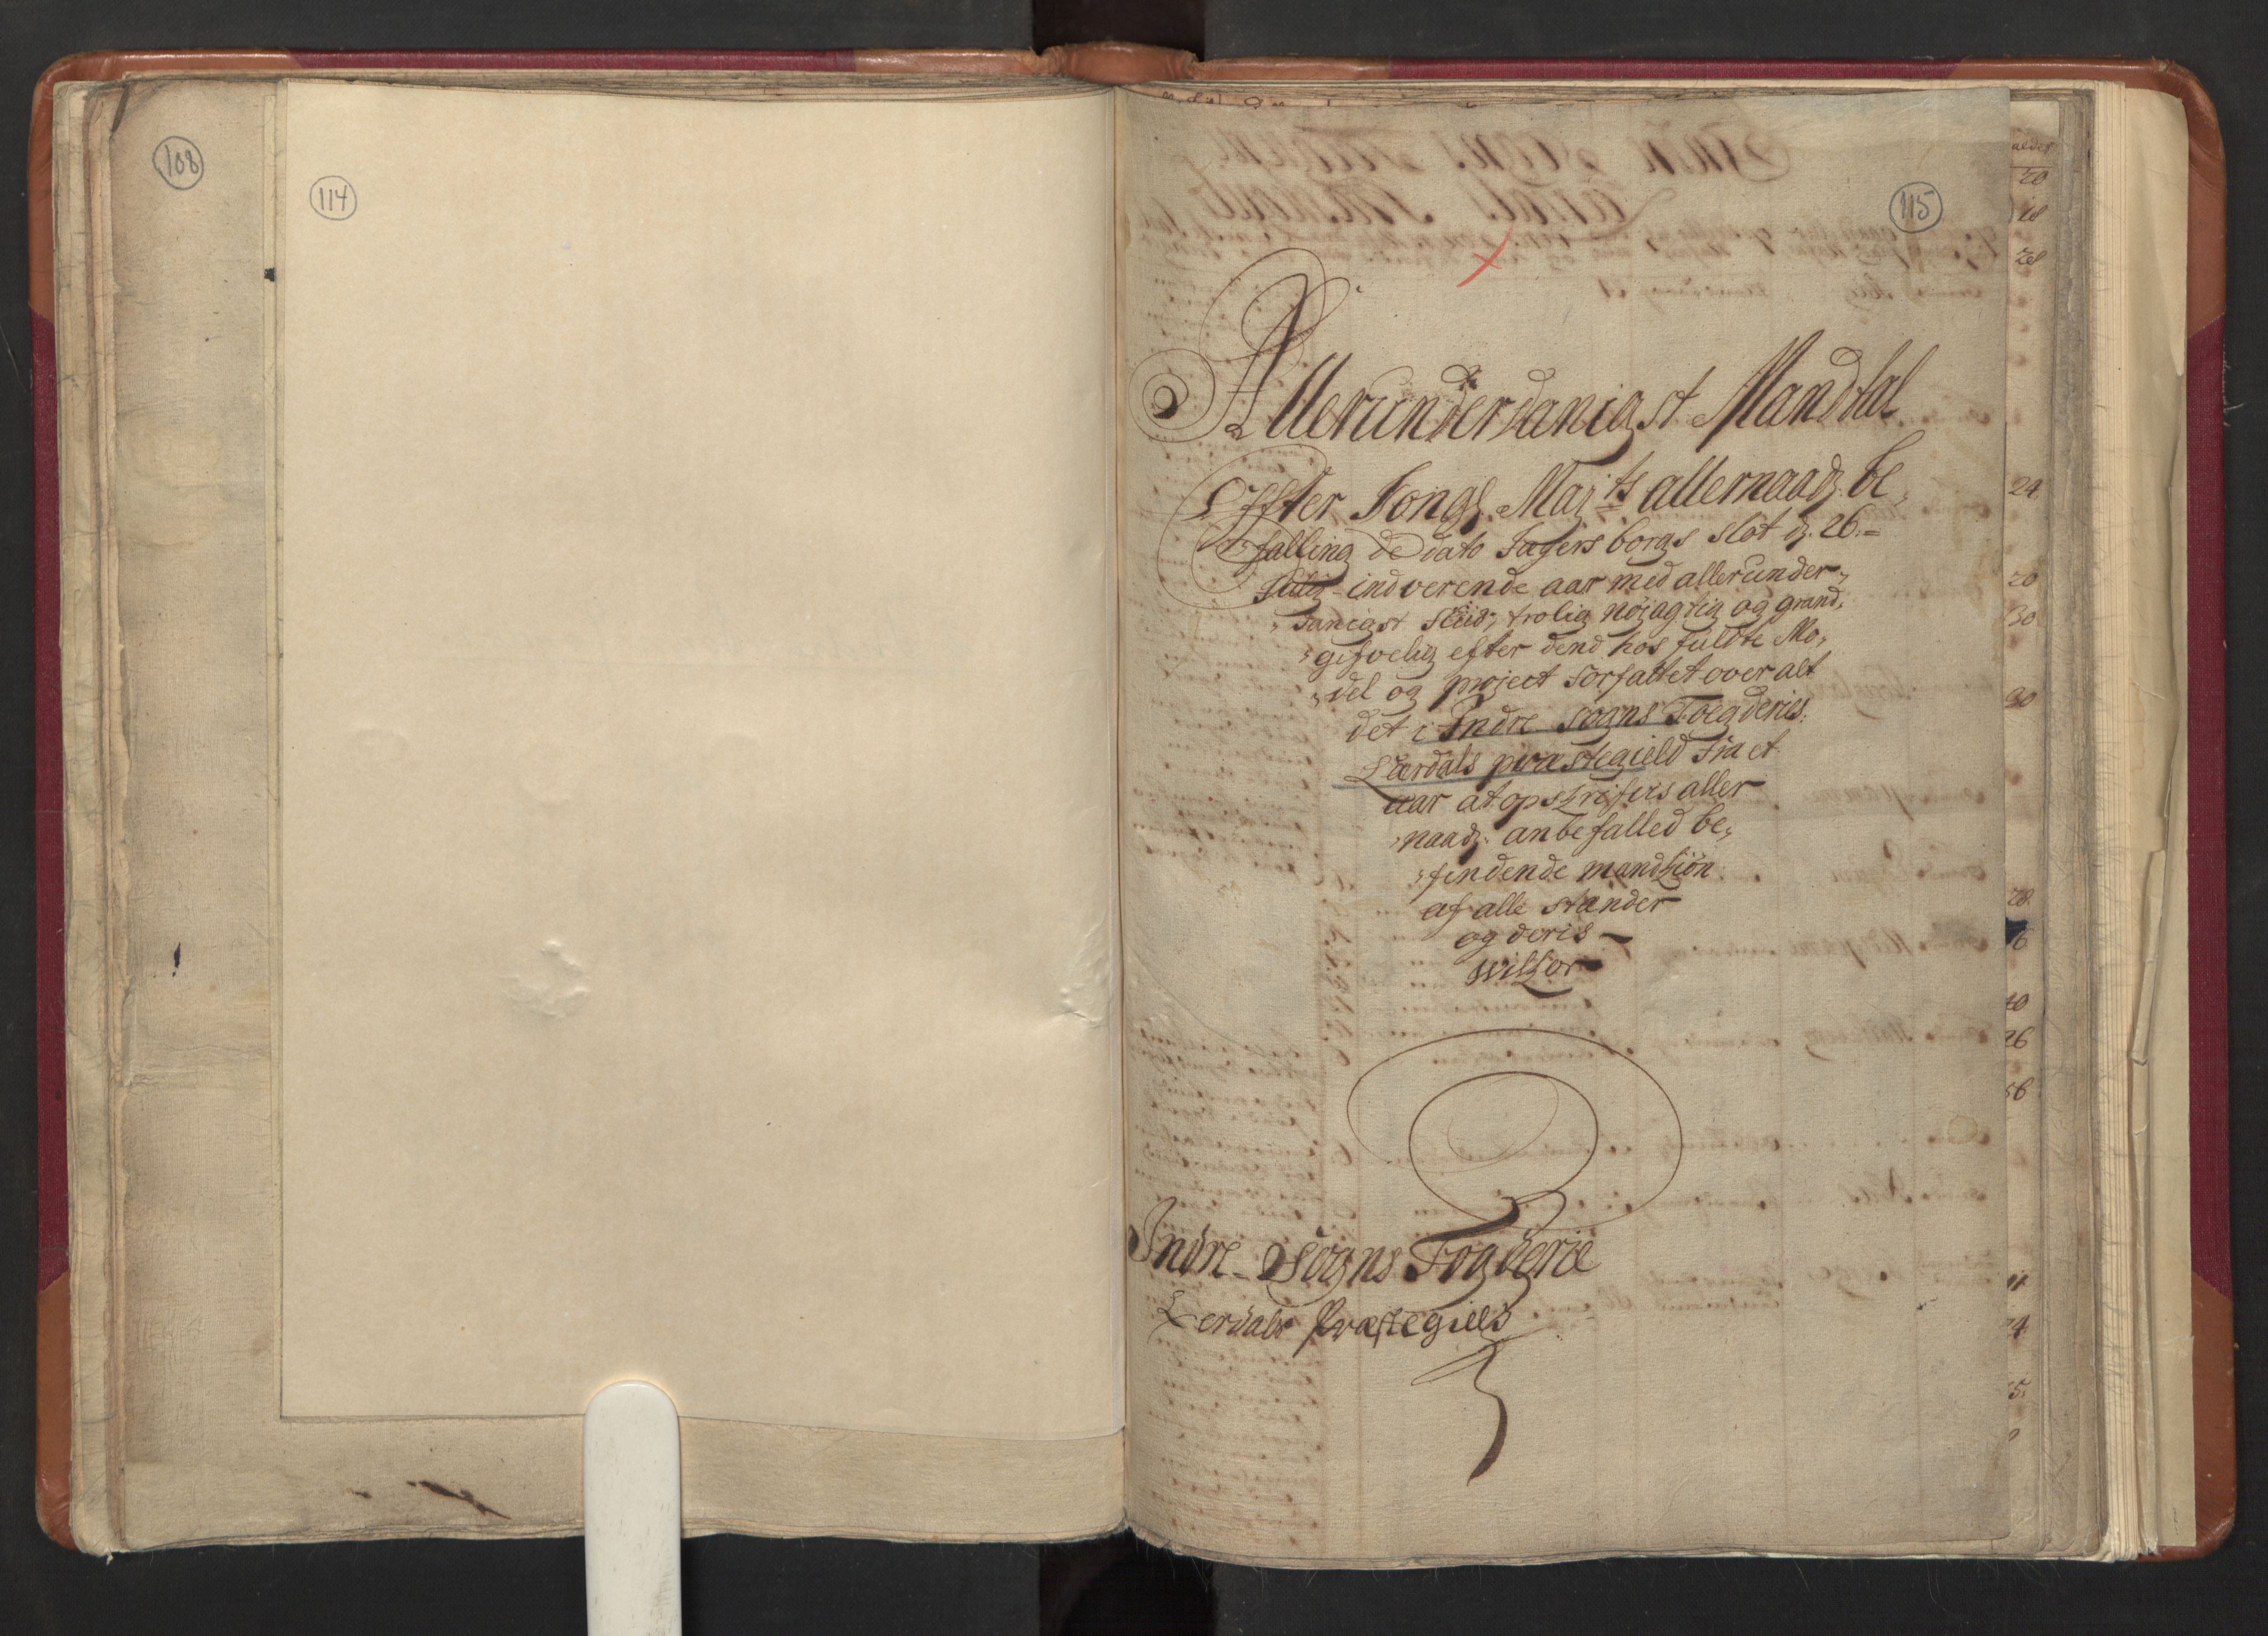 RA, Manntallet 1701, nr. 8: Ytre Sogn fogderi og Indre Sogn fogderi, 1701, s. 114-115